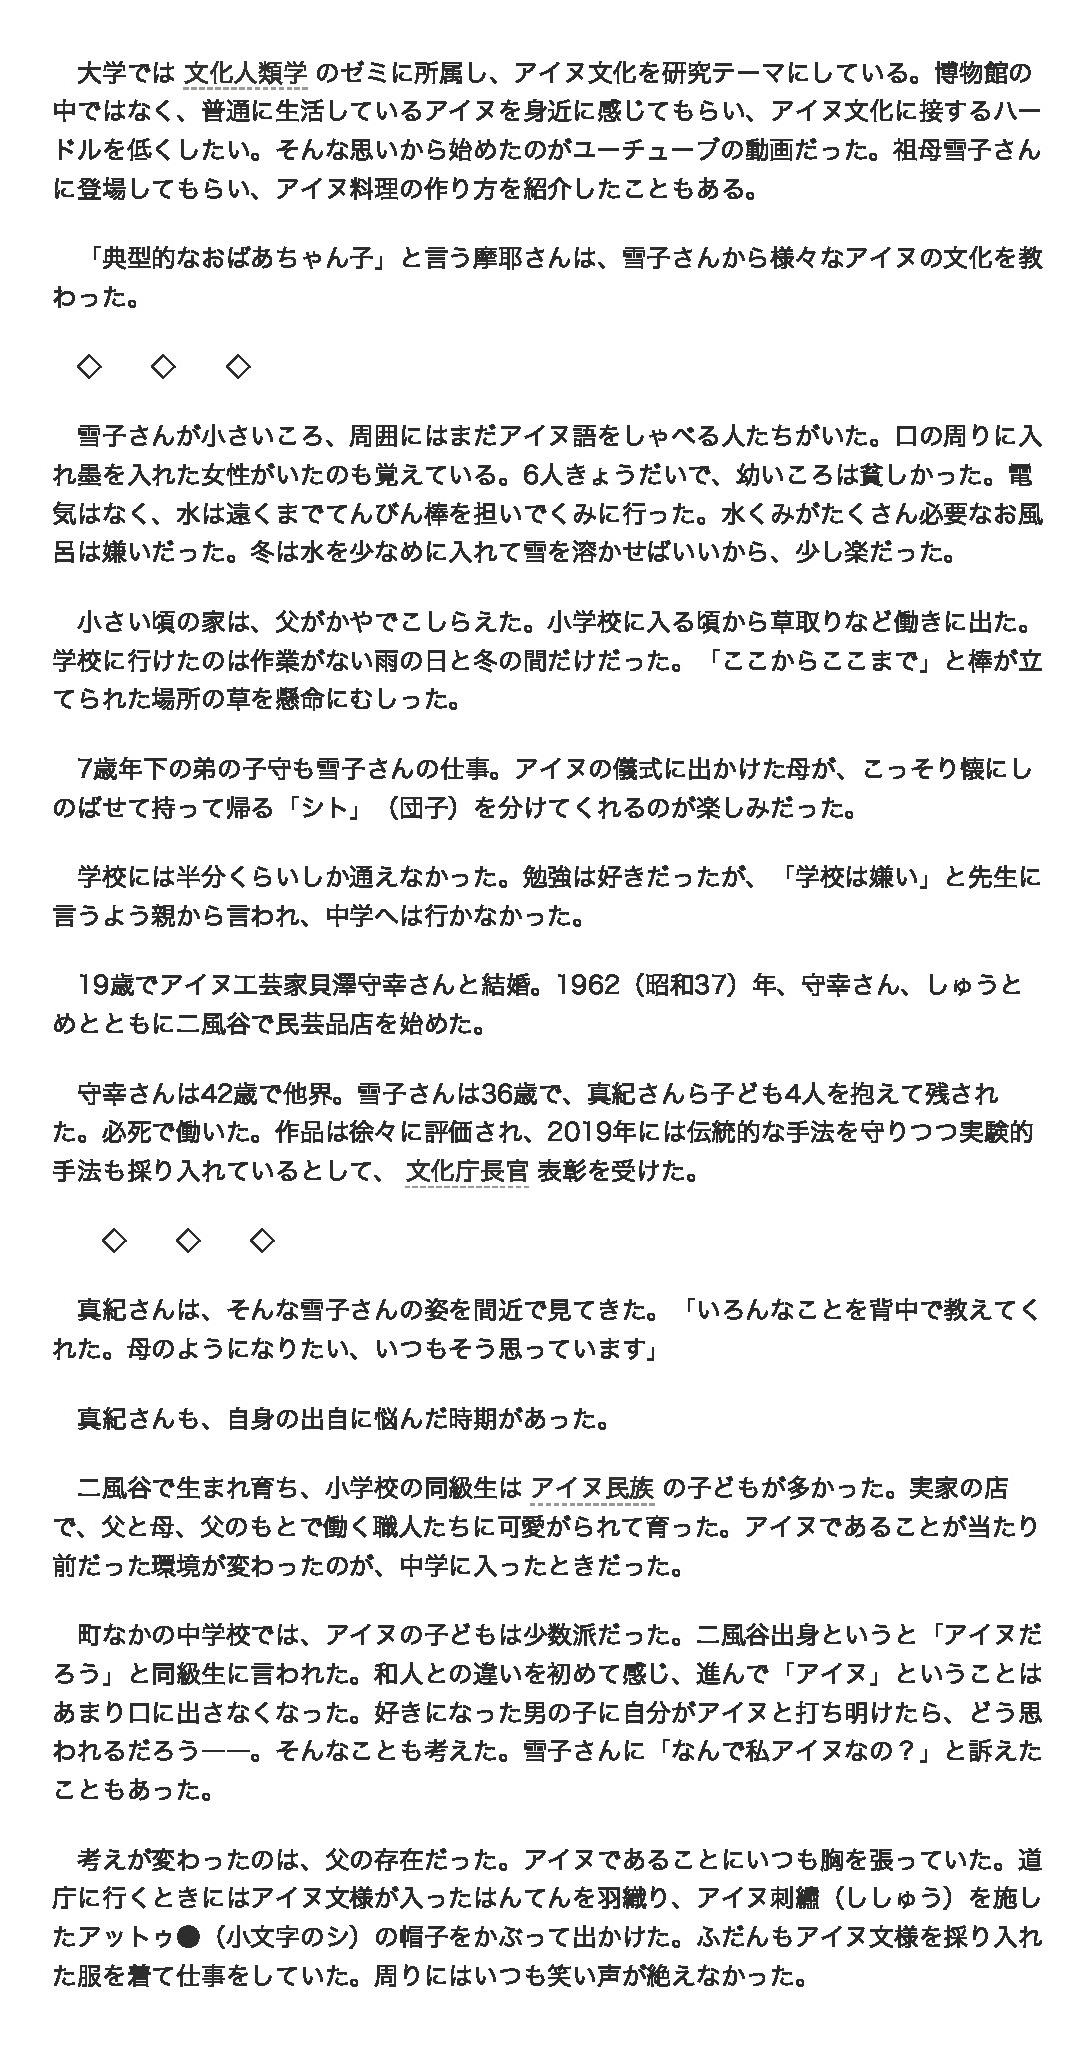 朝日新聞3月28日 (2/3)